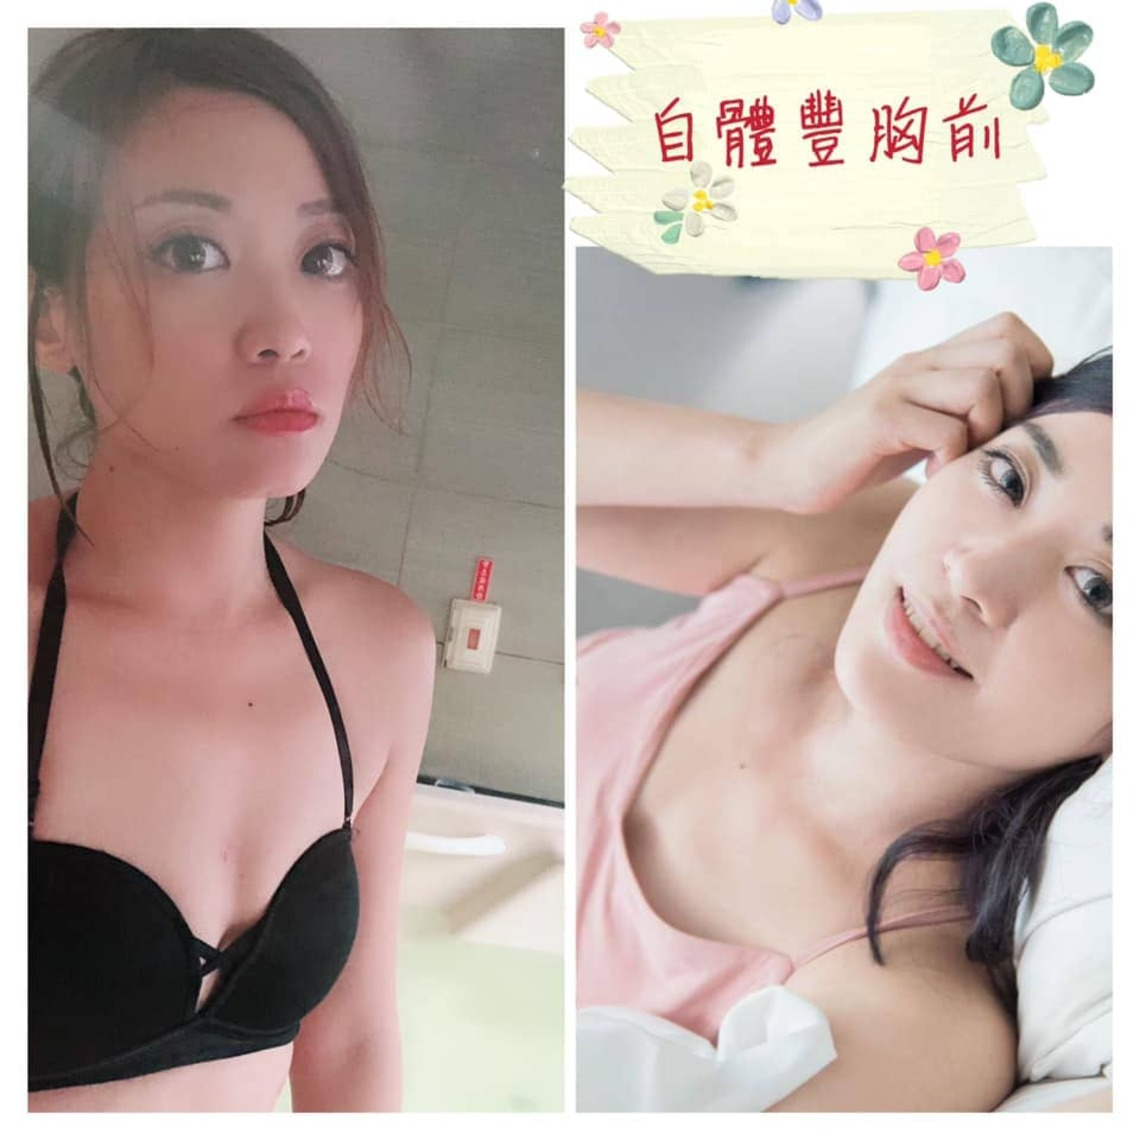 若菻自體脂肪隆乳術前,胸部平平